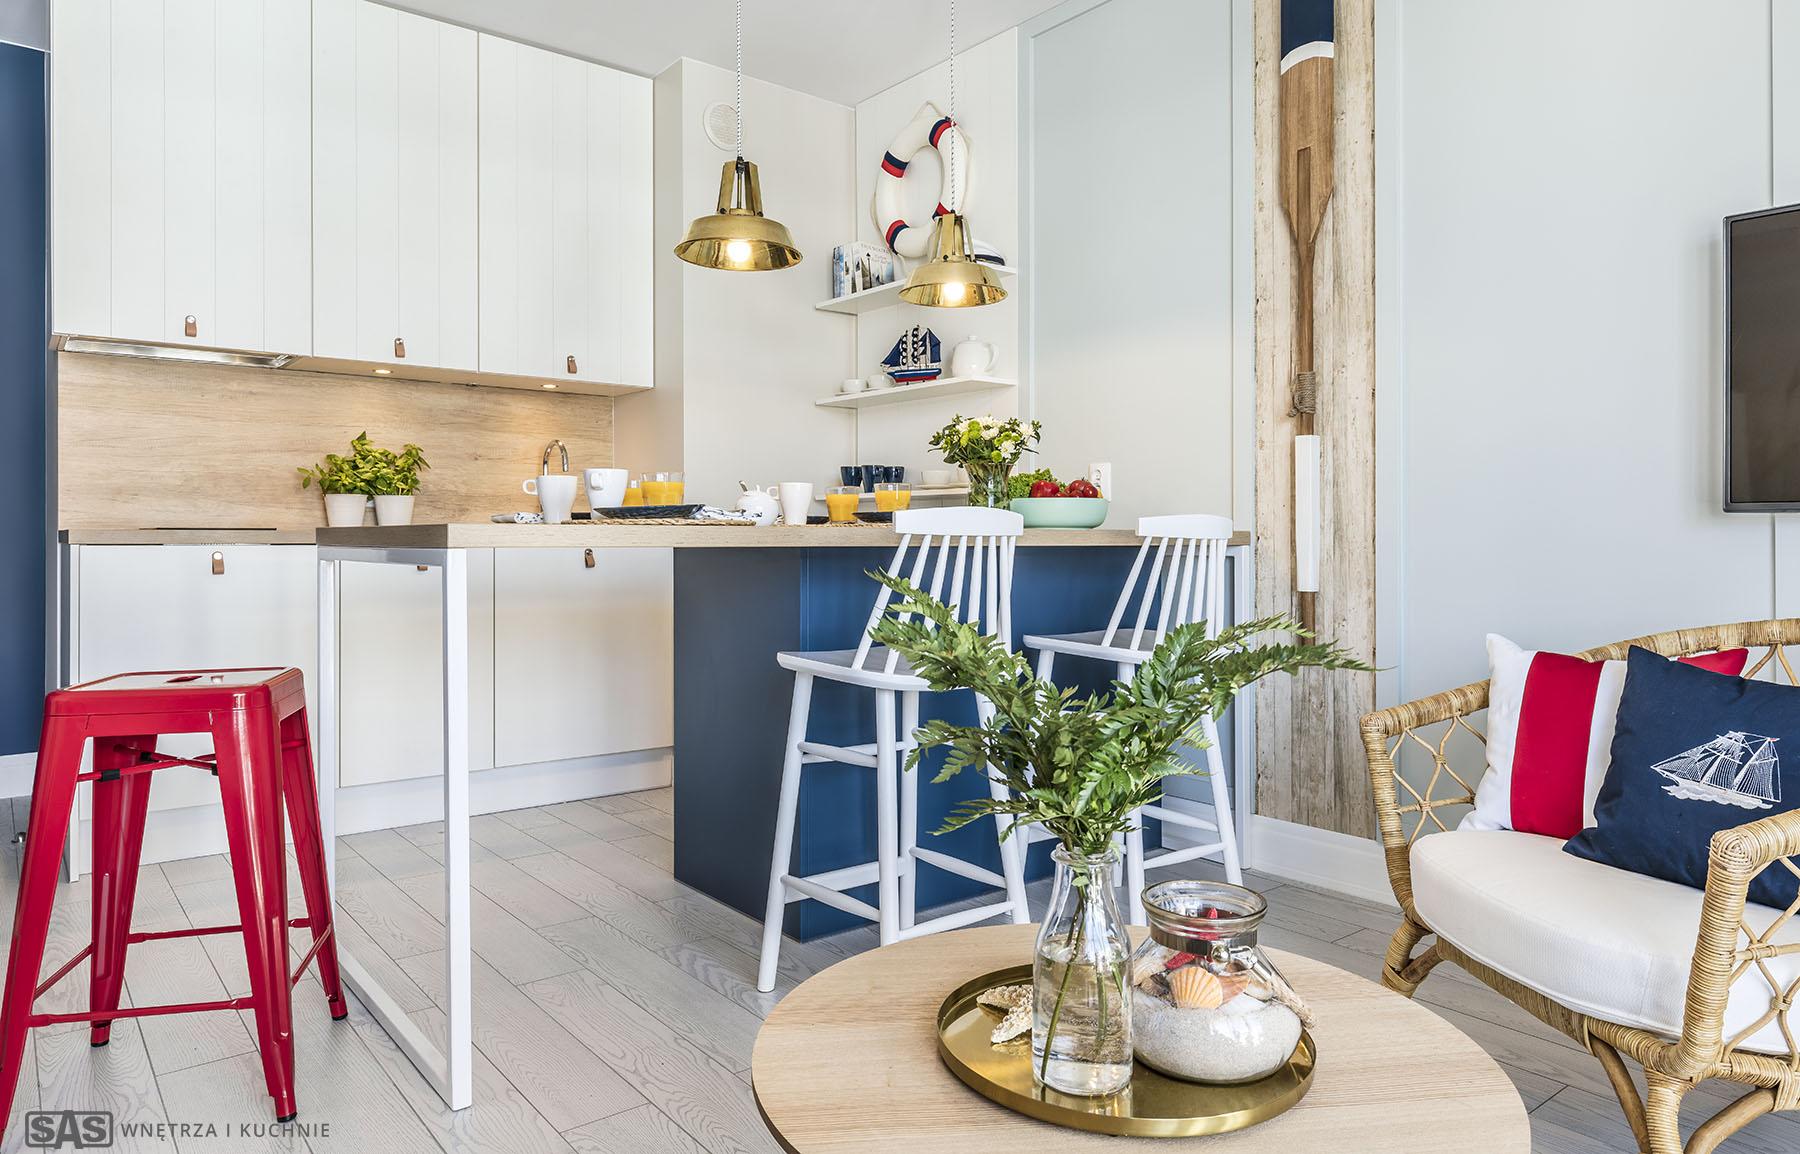 Meble kuchenne wykonanie SAS Wnętrza i Kuchnie, Projekt wnętrza Architekt Emilia Strzempek Plasun